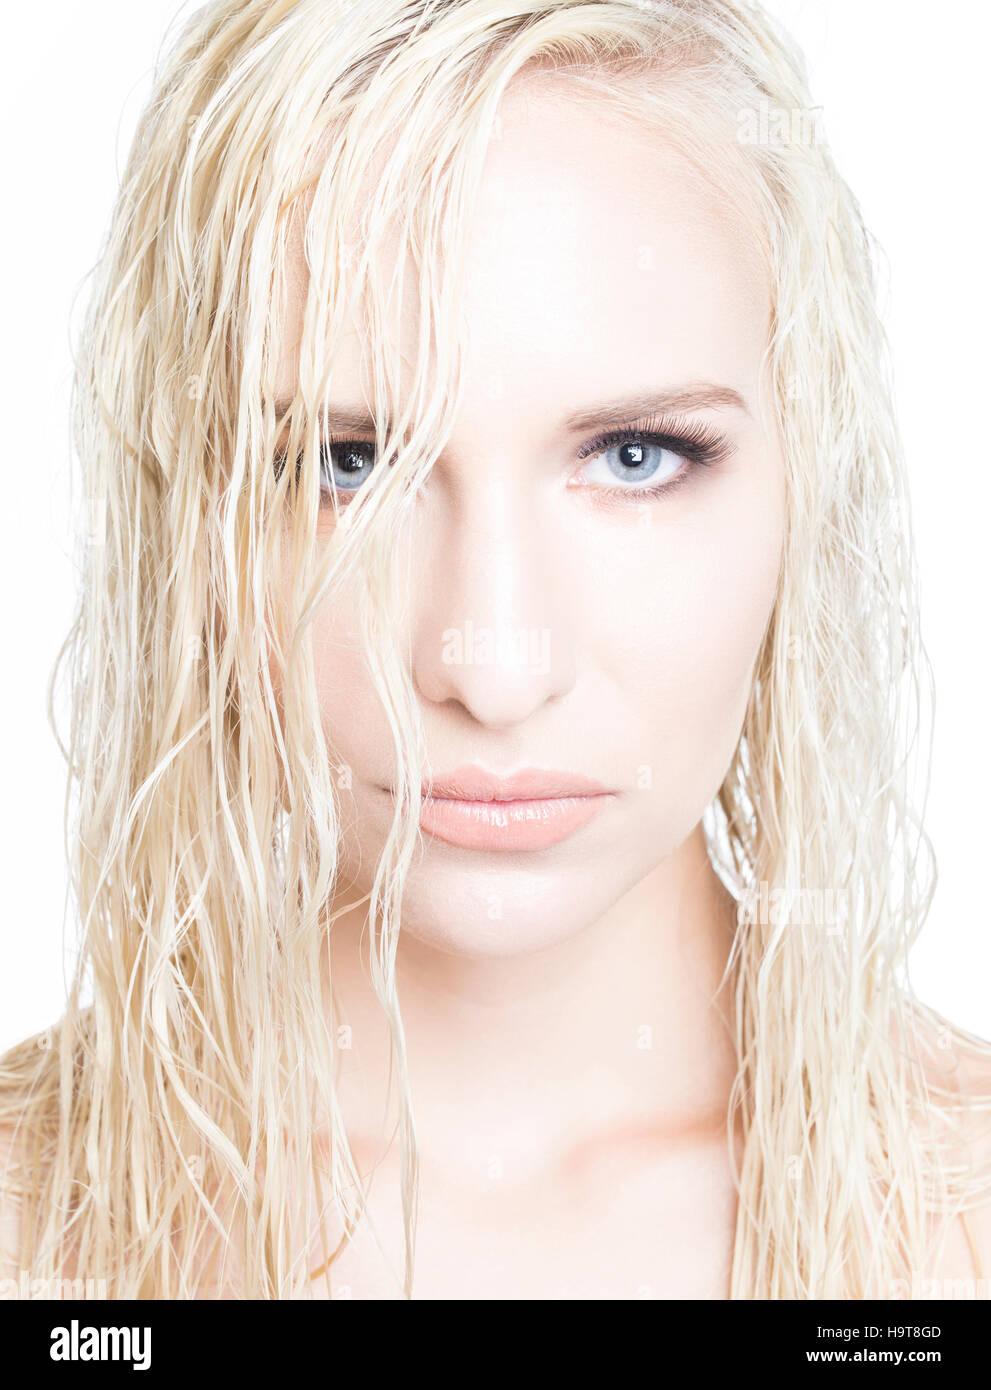 femme aux cheveux blonds platine banque d'images, photo stock